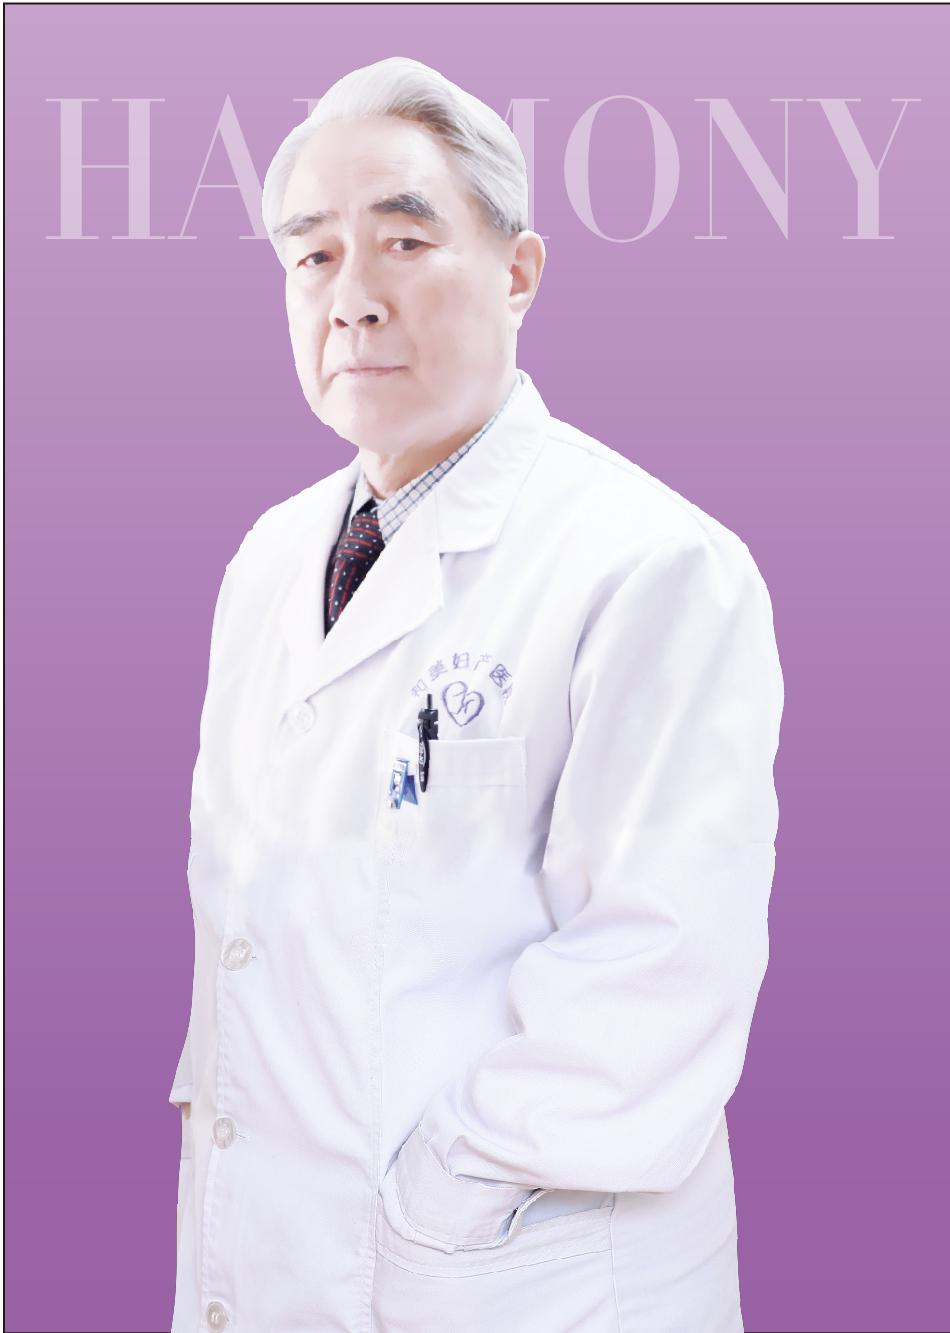 国内权威超声医生 权重禄